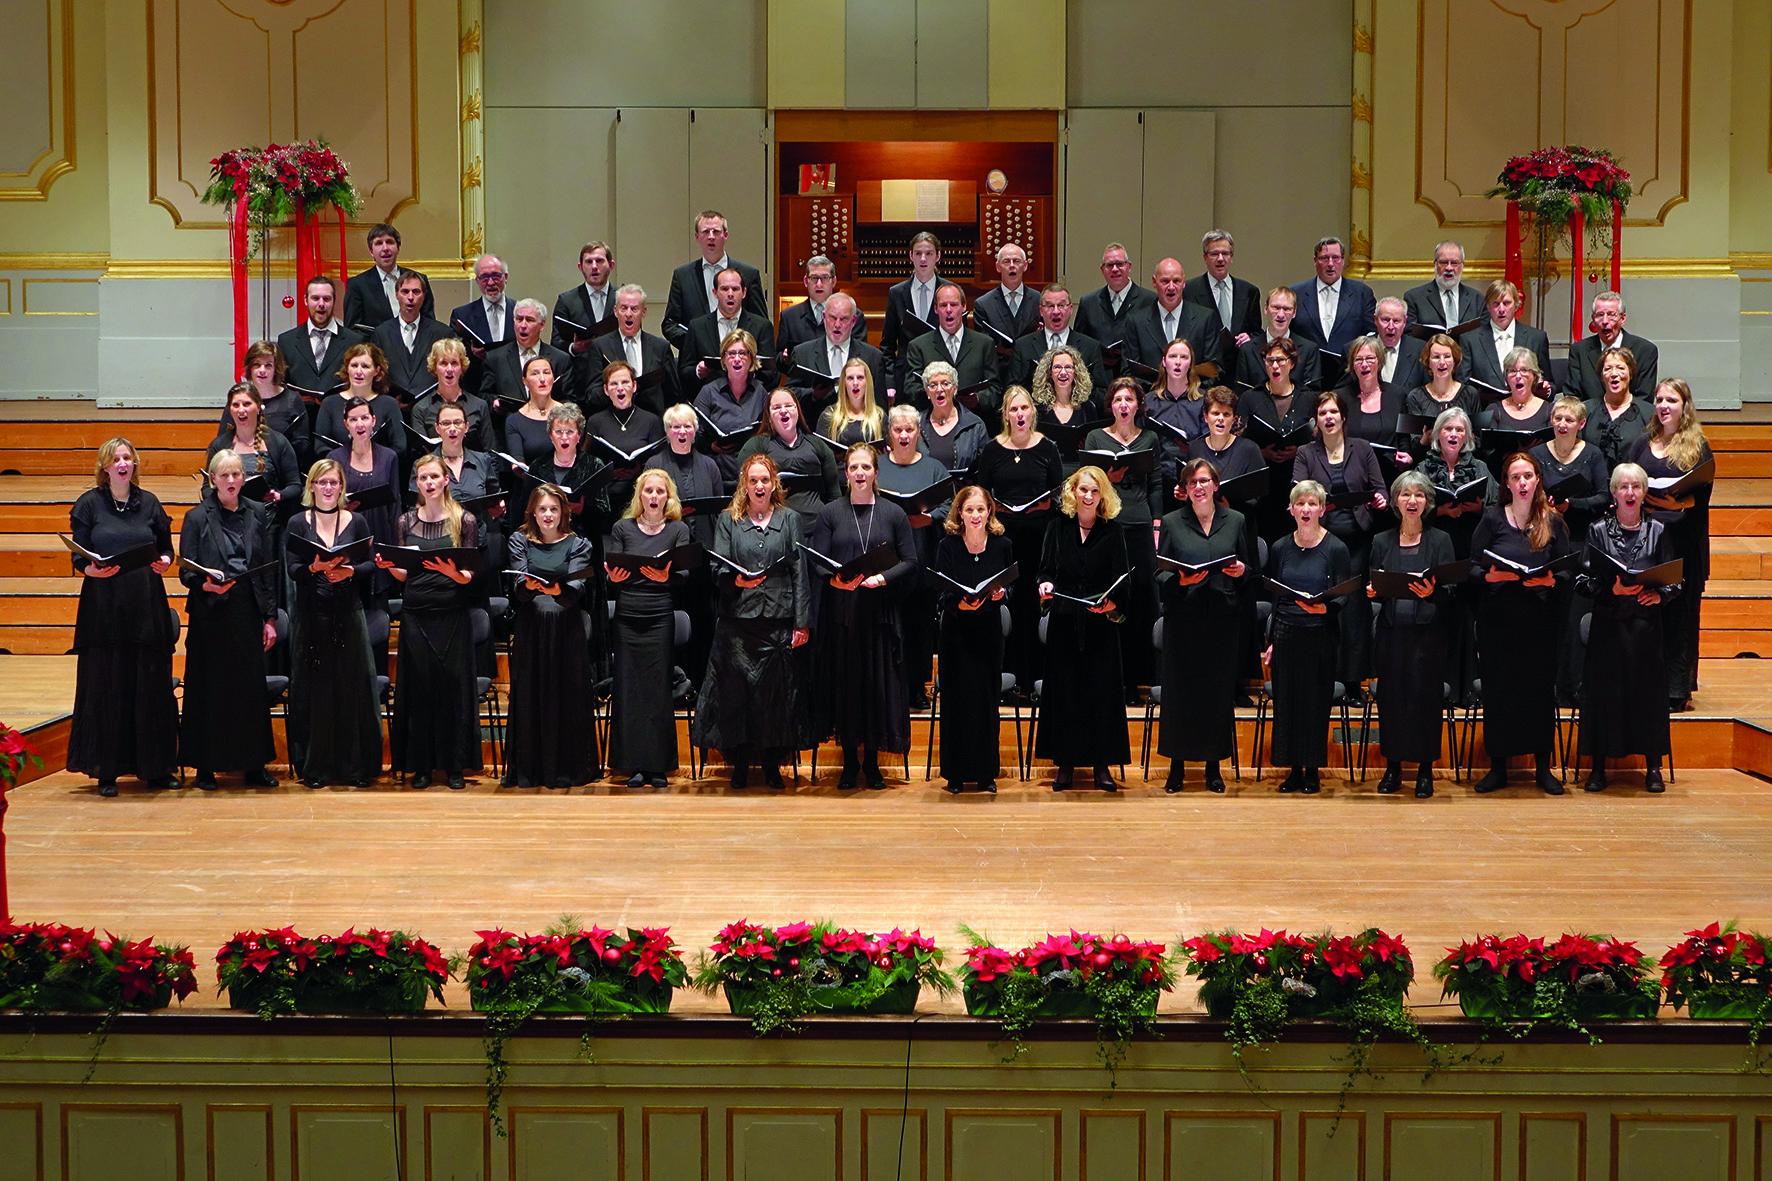 Weihnachtskonzert Carl-Philipp-Emanuel-Bach-Chor 2021   Union Reiseteam